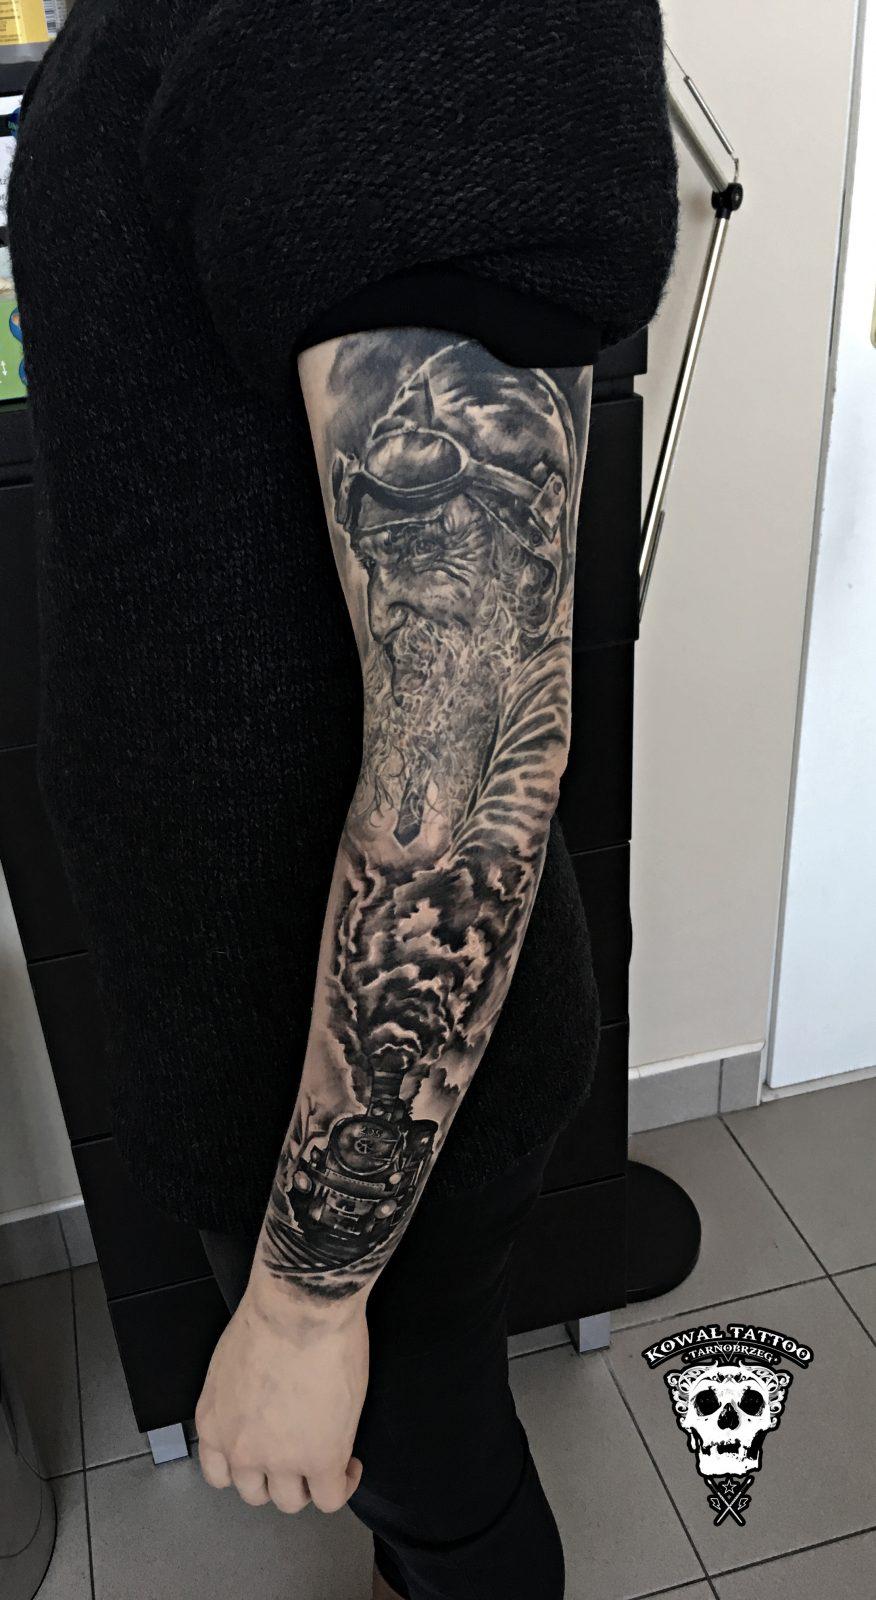 kowal-tattoo